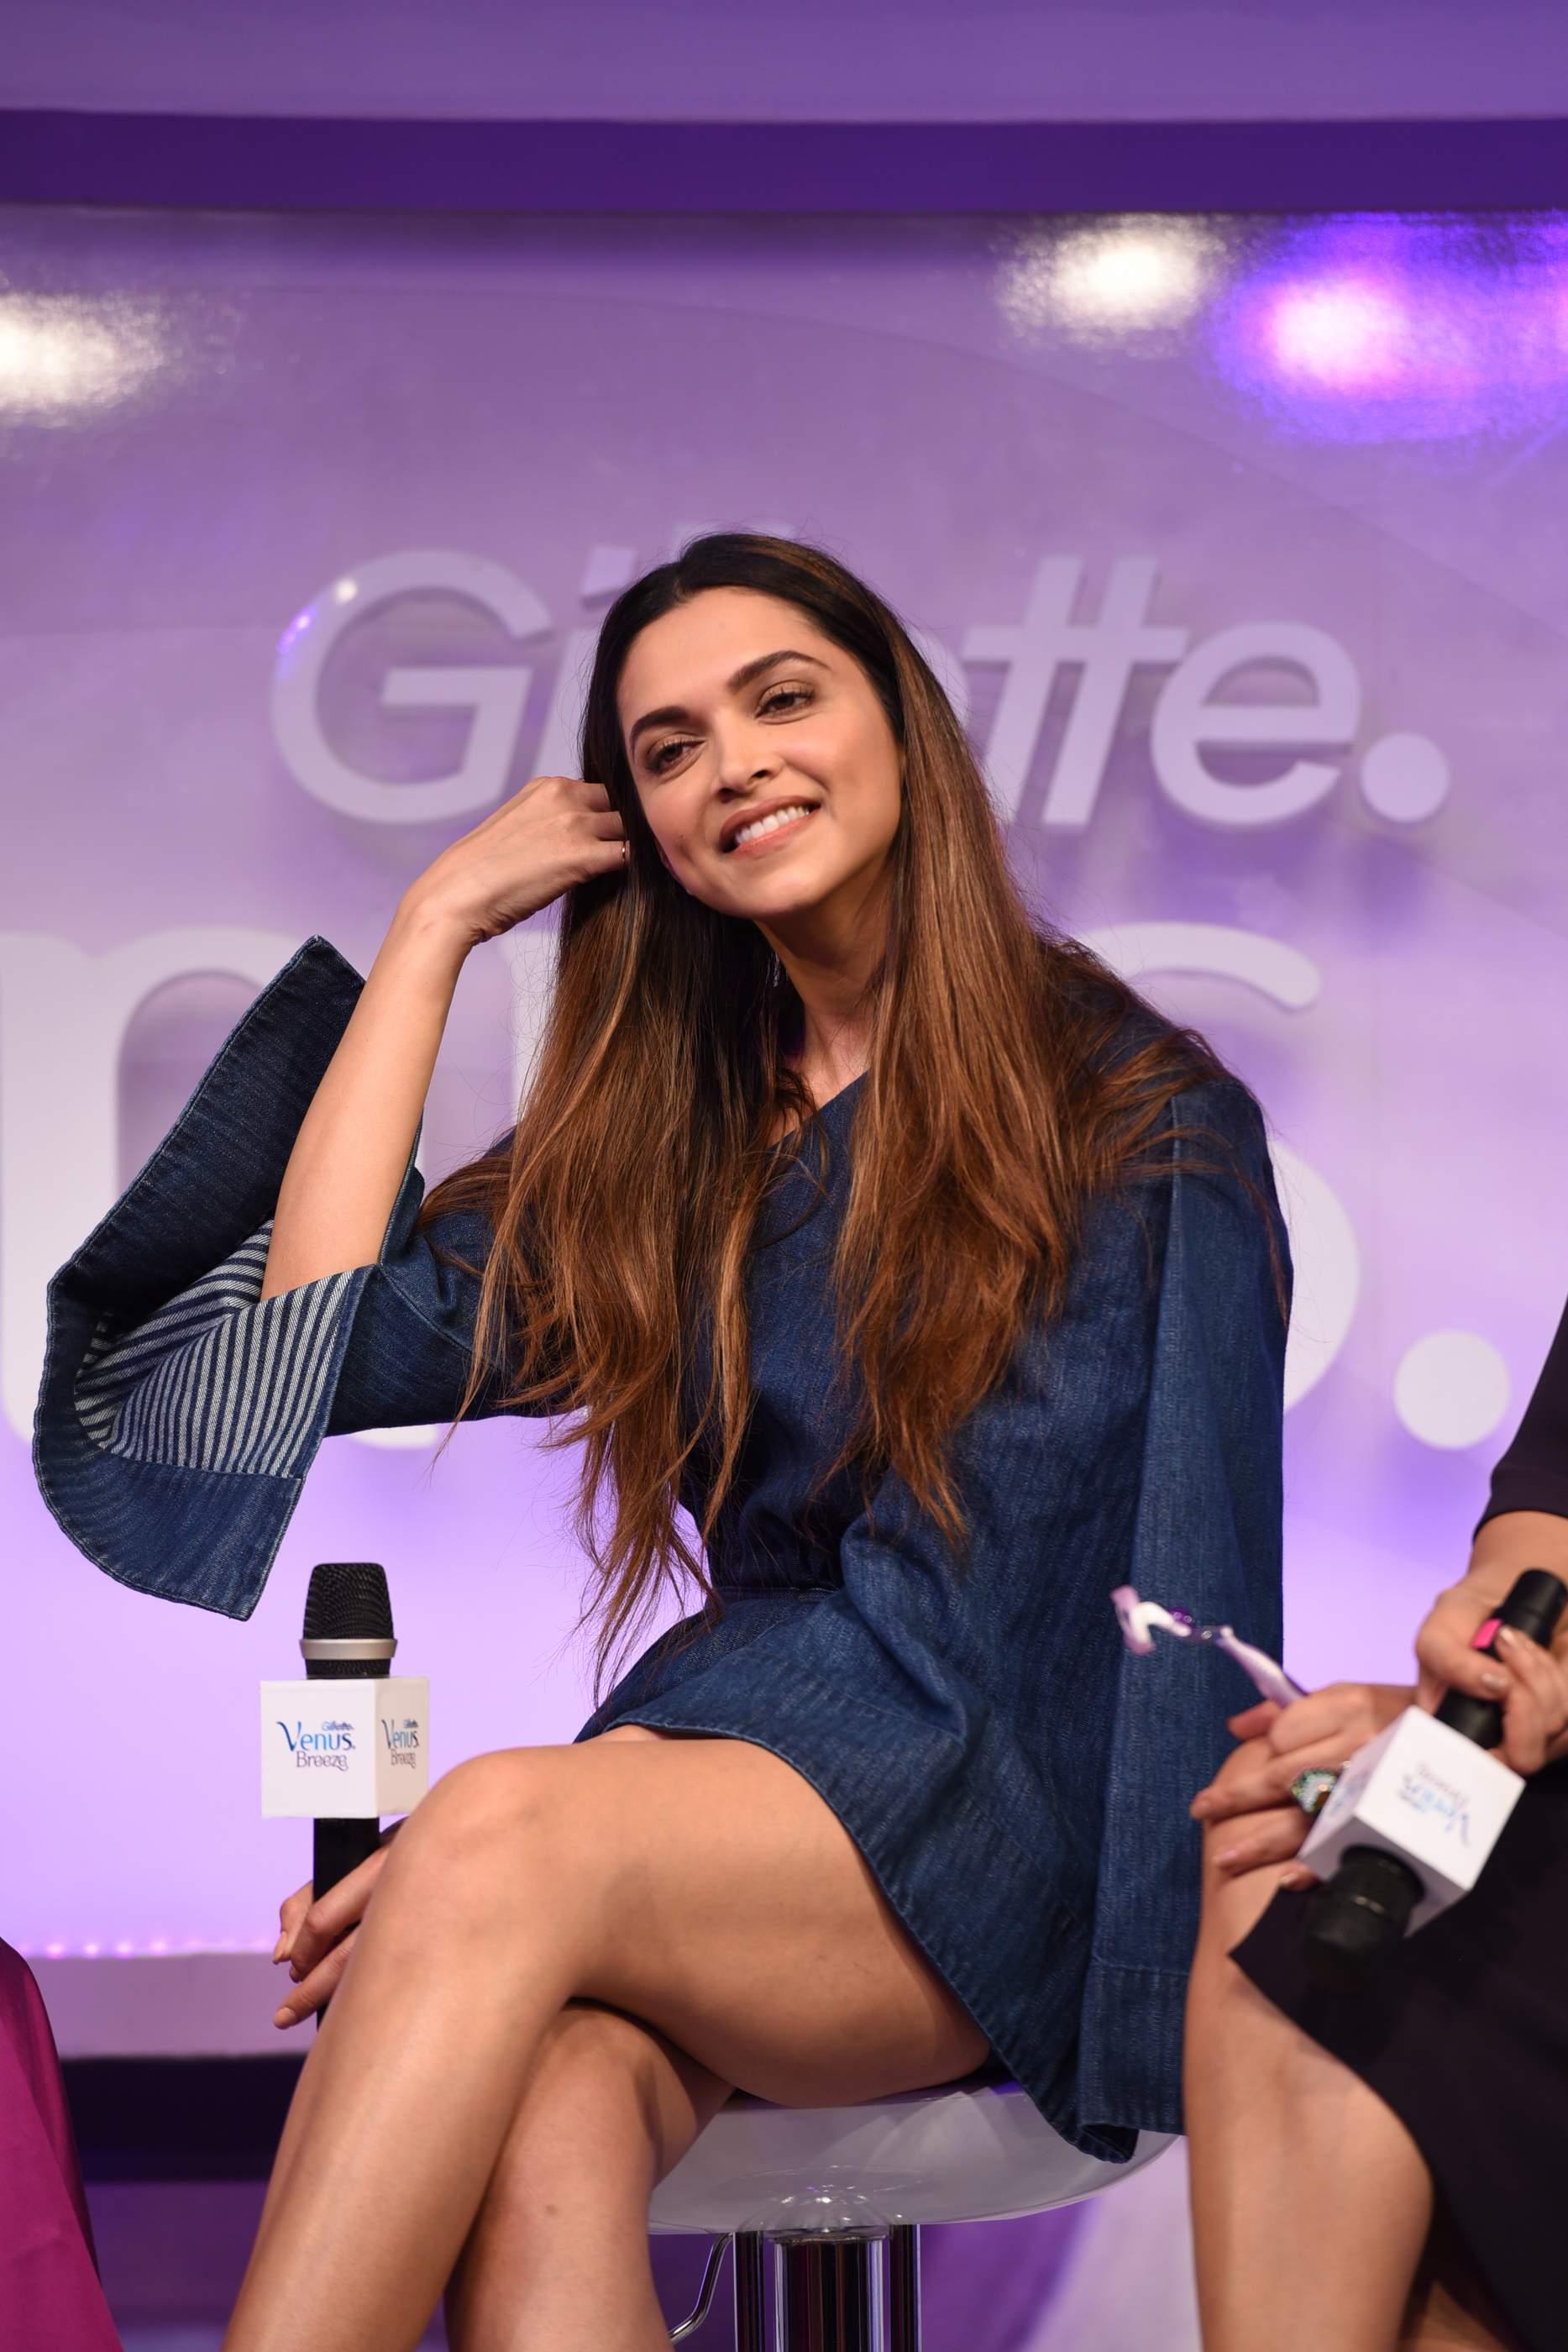 Beautiful Deepika Padukone, Soha Ali Khan & Neha Dhupia Beautiful Deepika Padukone, Soha Ali Khan & Neha Dhupia Gilette 93